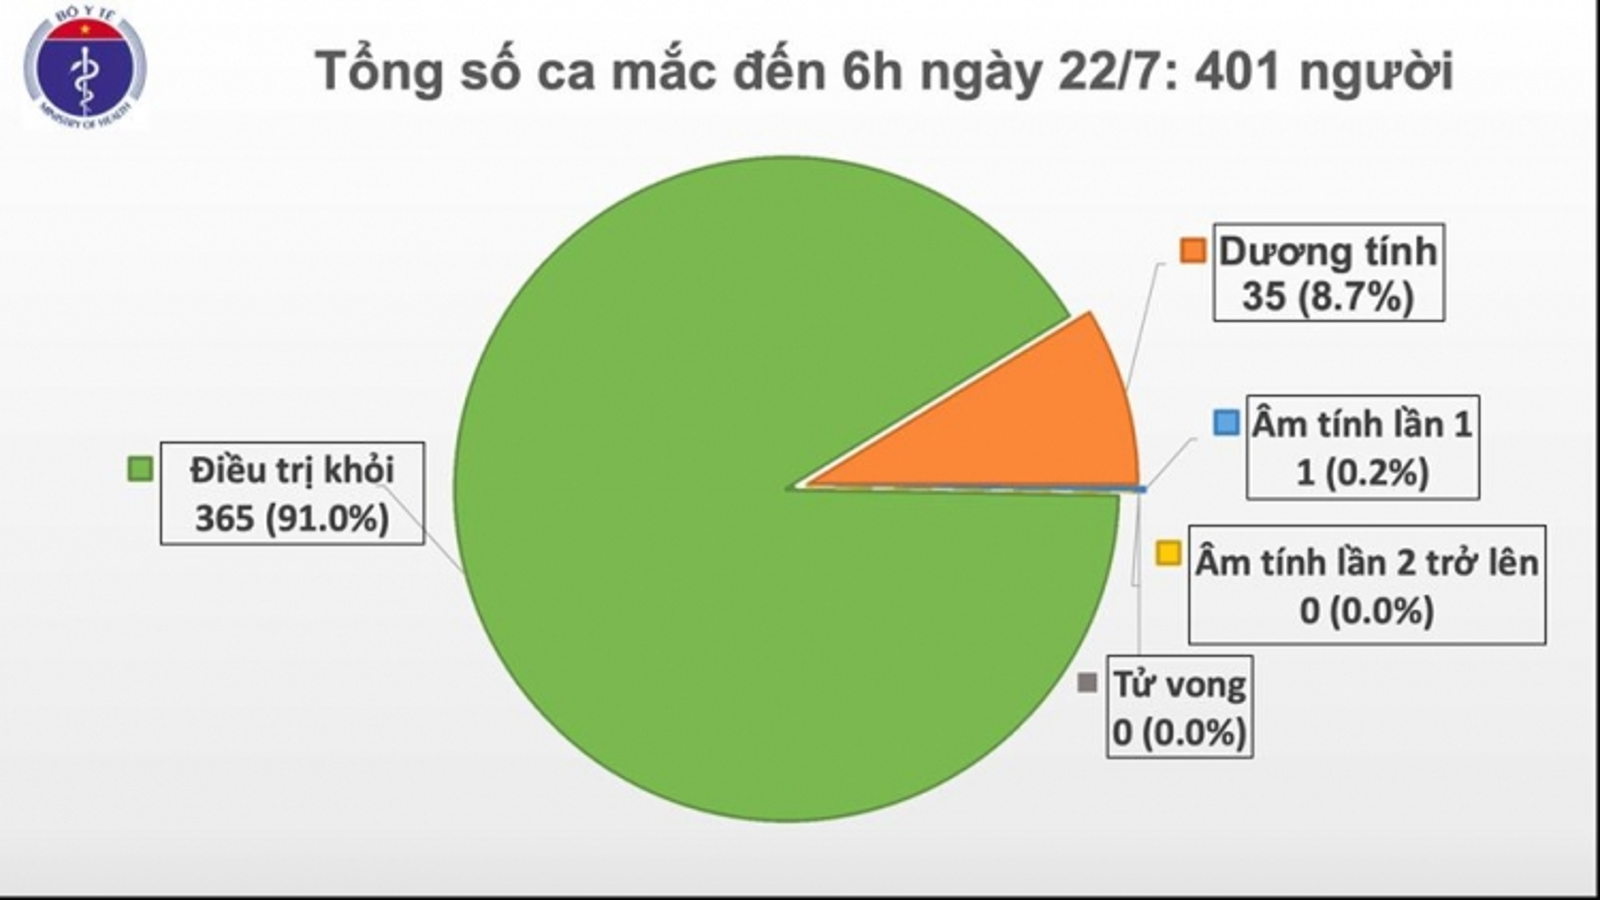 Thêm 5 bệnh nhân mới, Việt Nam có hơn 400 ca mắc Covid-19